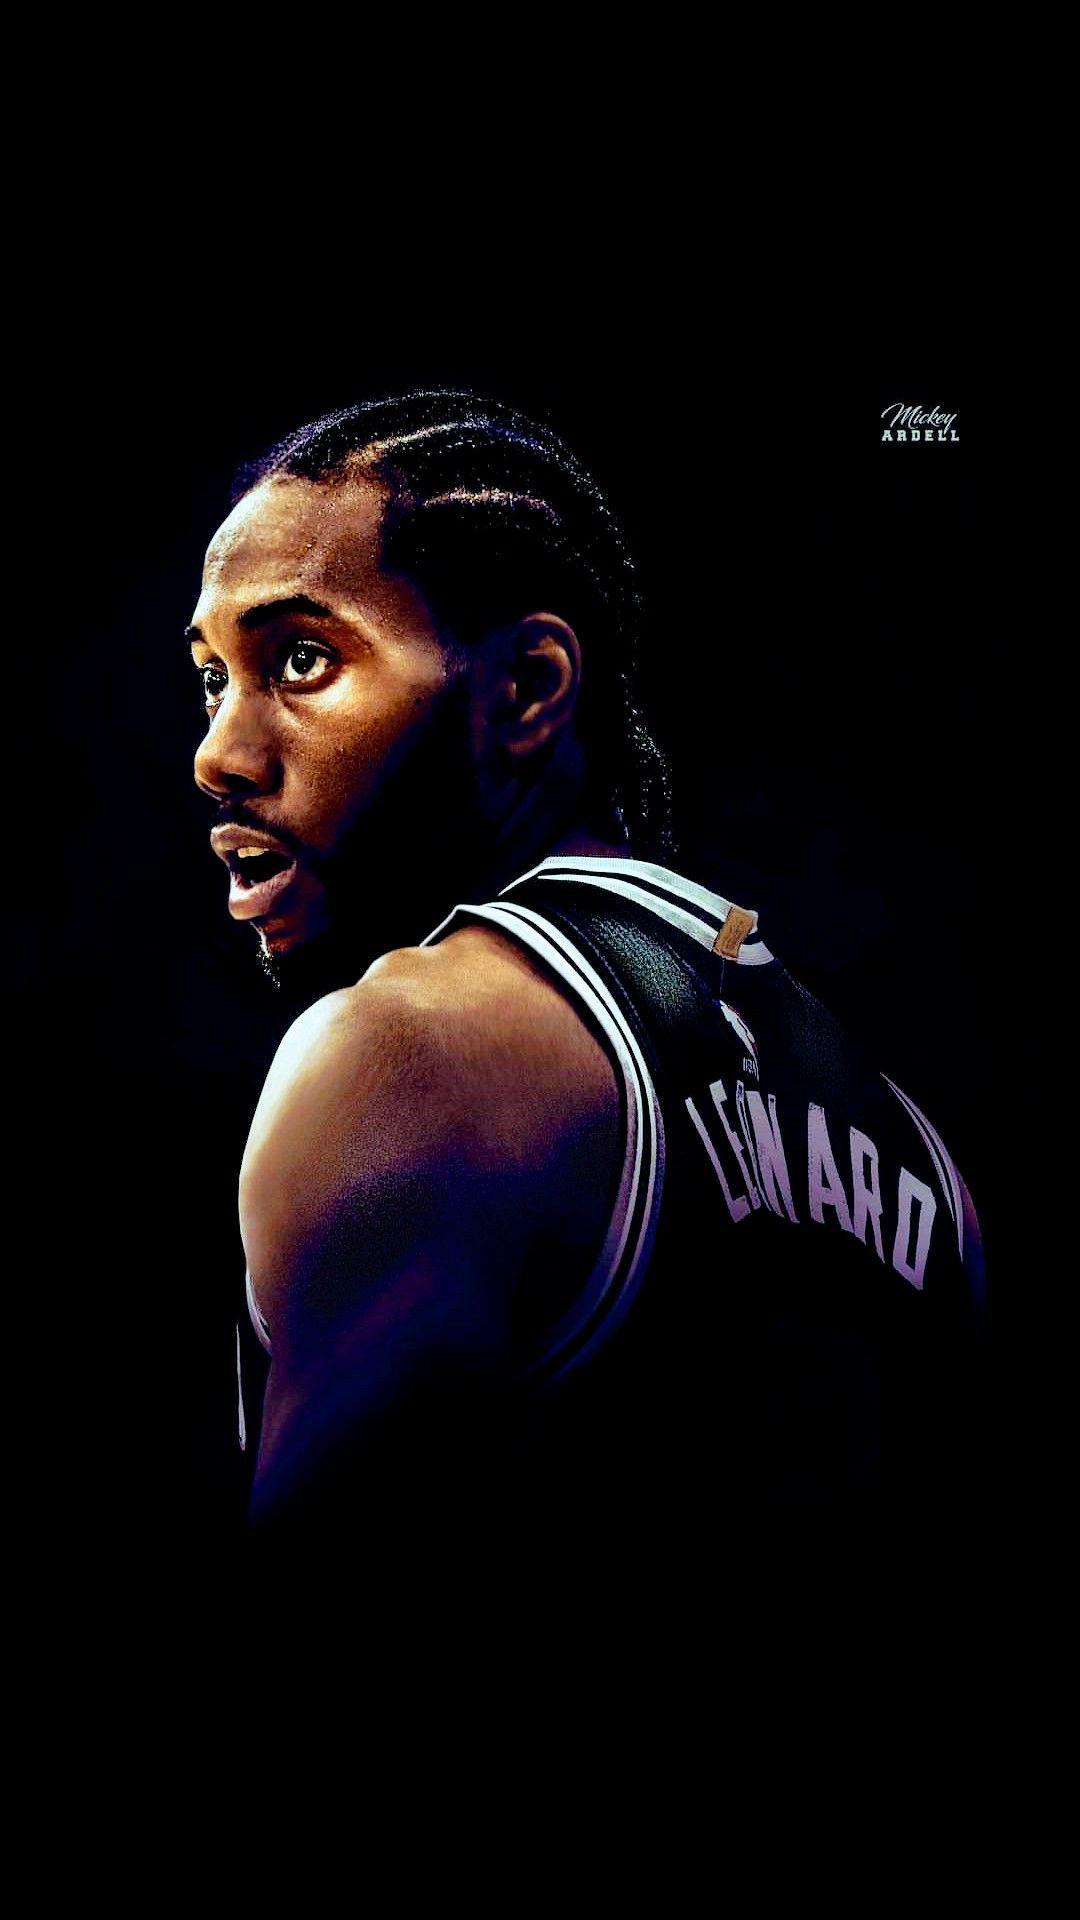 Kawhi Leonard Wallpaper Basketball Photography Basketball Players Nba Basketball Hoop